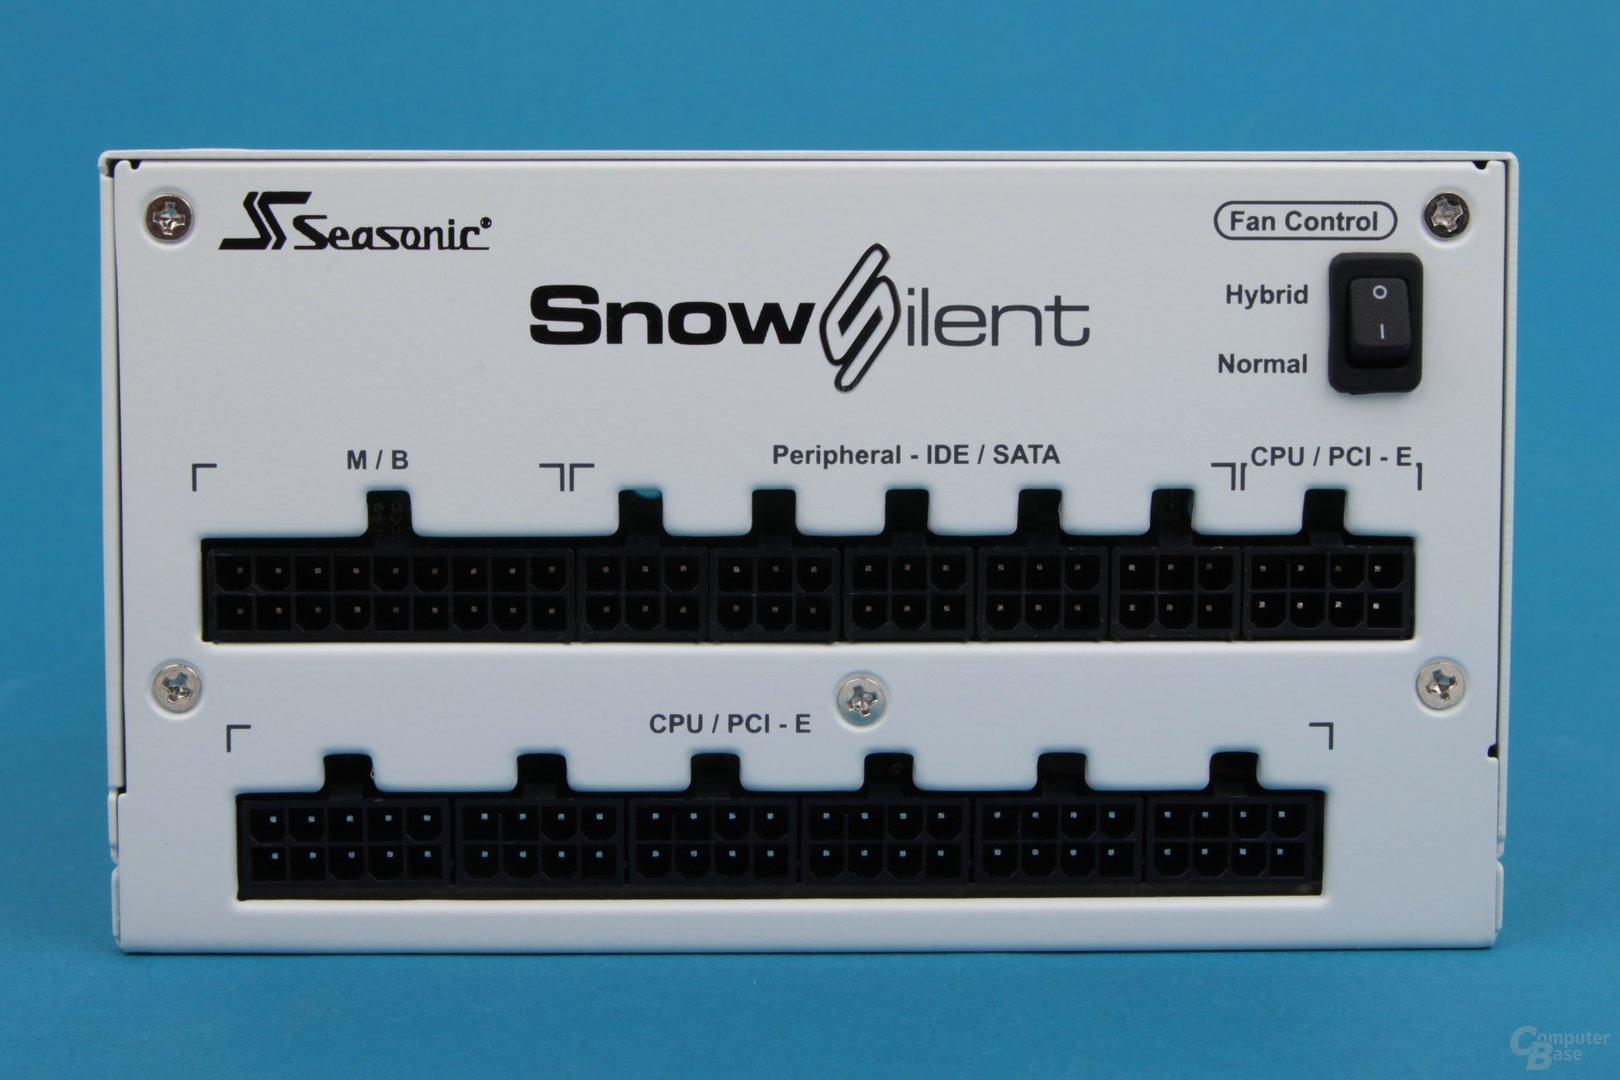 Seasonic Snow Silent 750 Watt – Anschlusspanel mit Umschalter